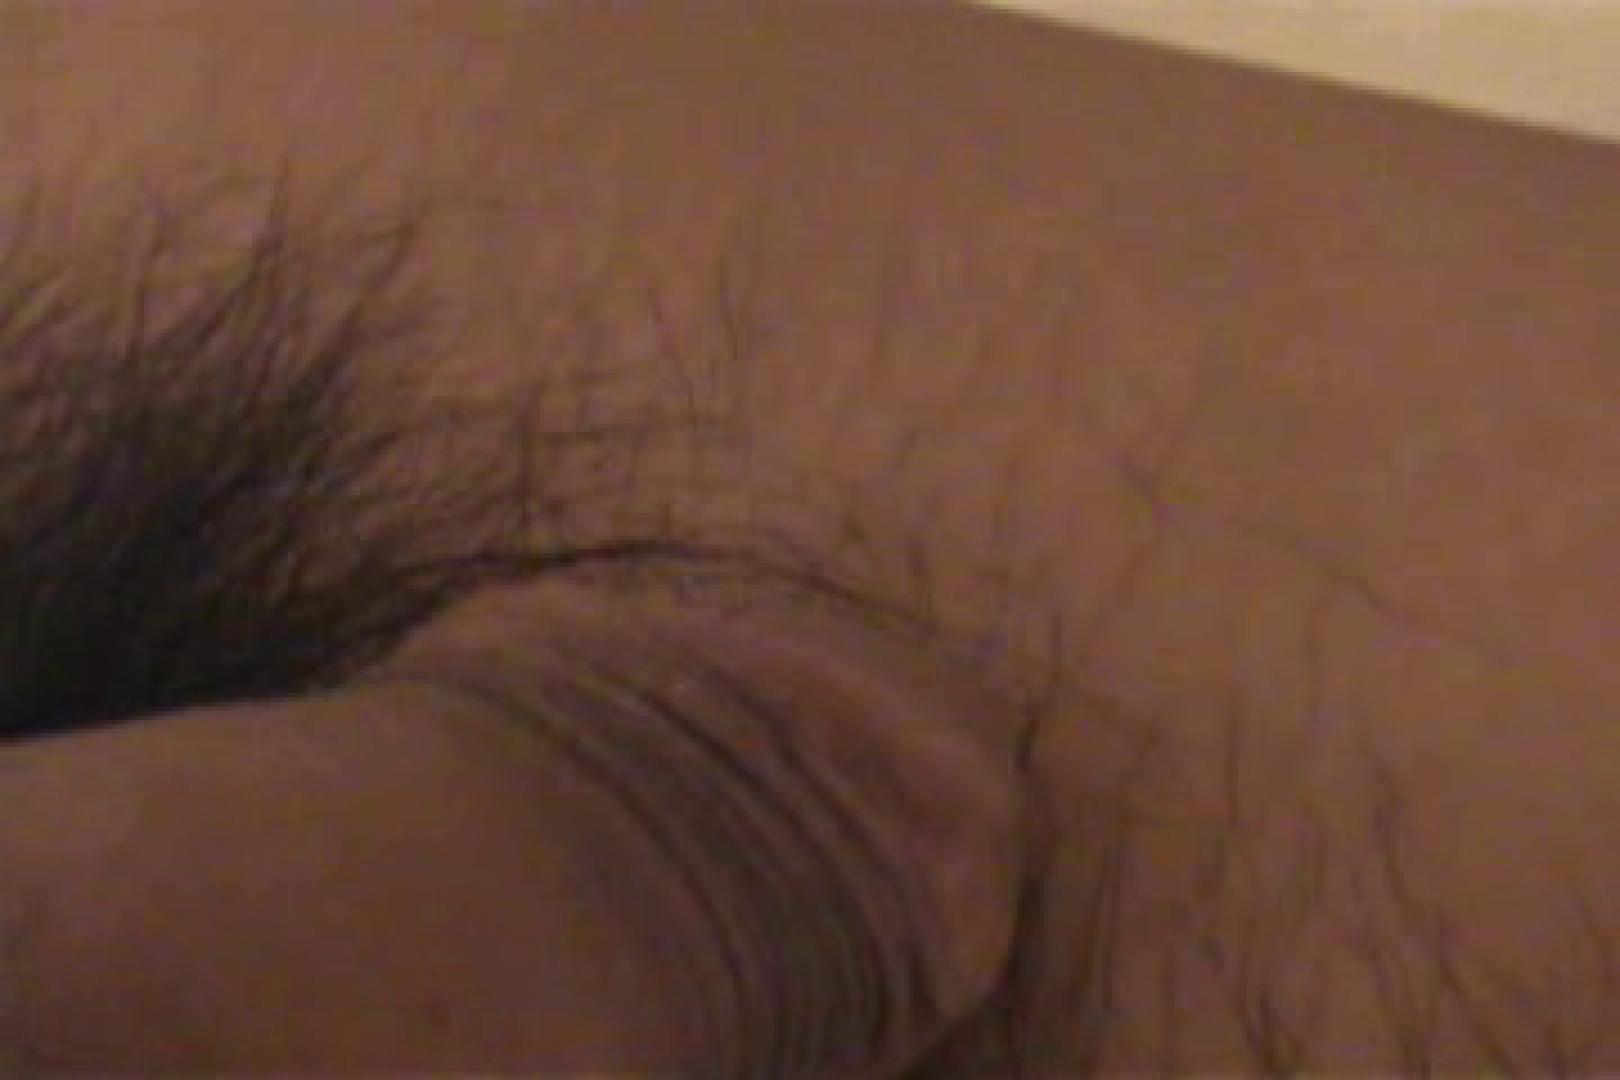 【個人買取】潜入!!もぎ撮り悪戯一本勝負!!vol.11 投稿 | イケメンのセックス  14枚 4